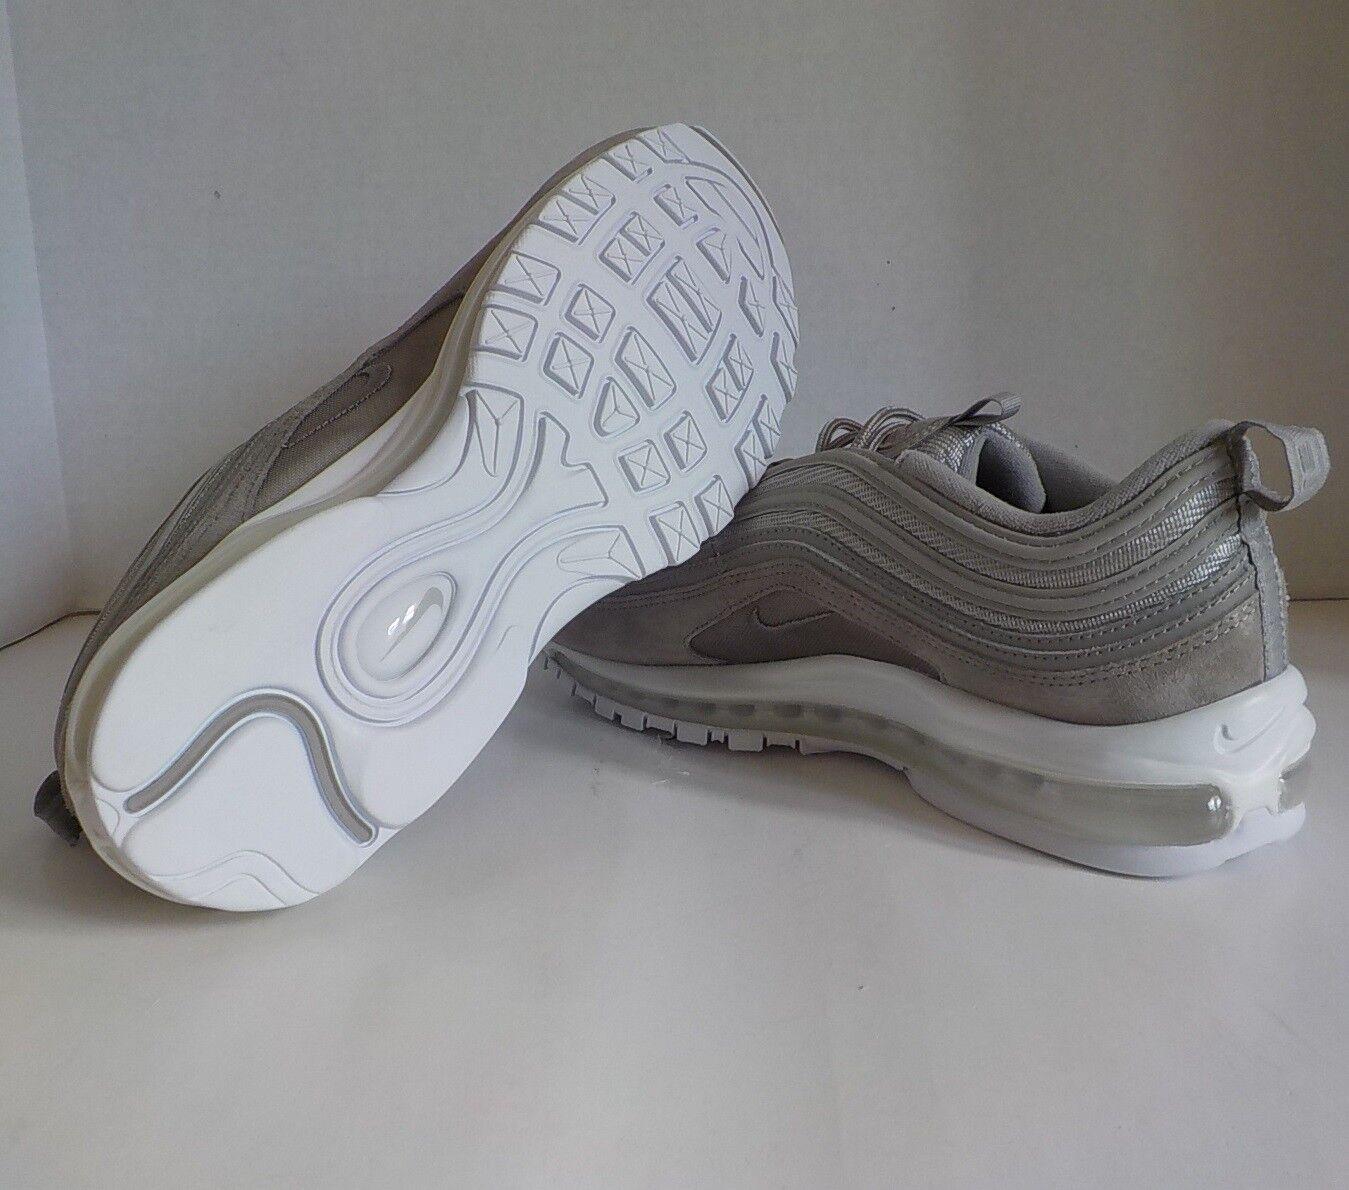 souliers nike air max 97 pmr galets gris blanc les 921826 002 les blanc hommes de taille 13 5d7e8f